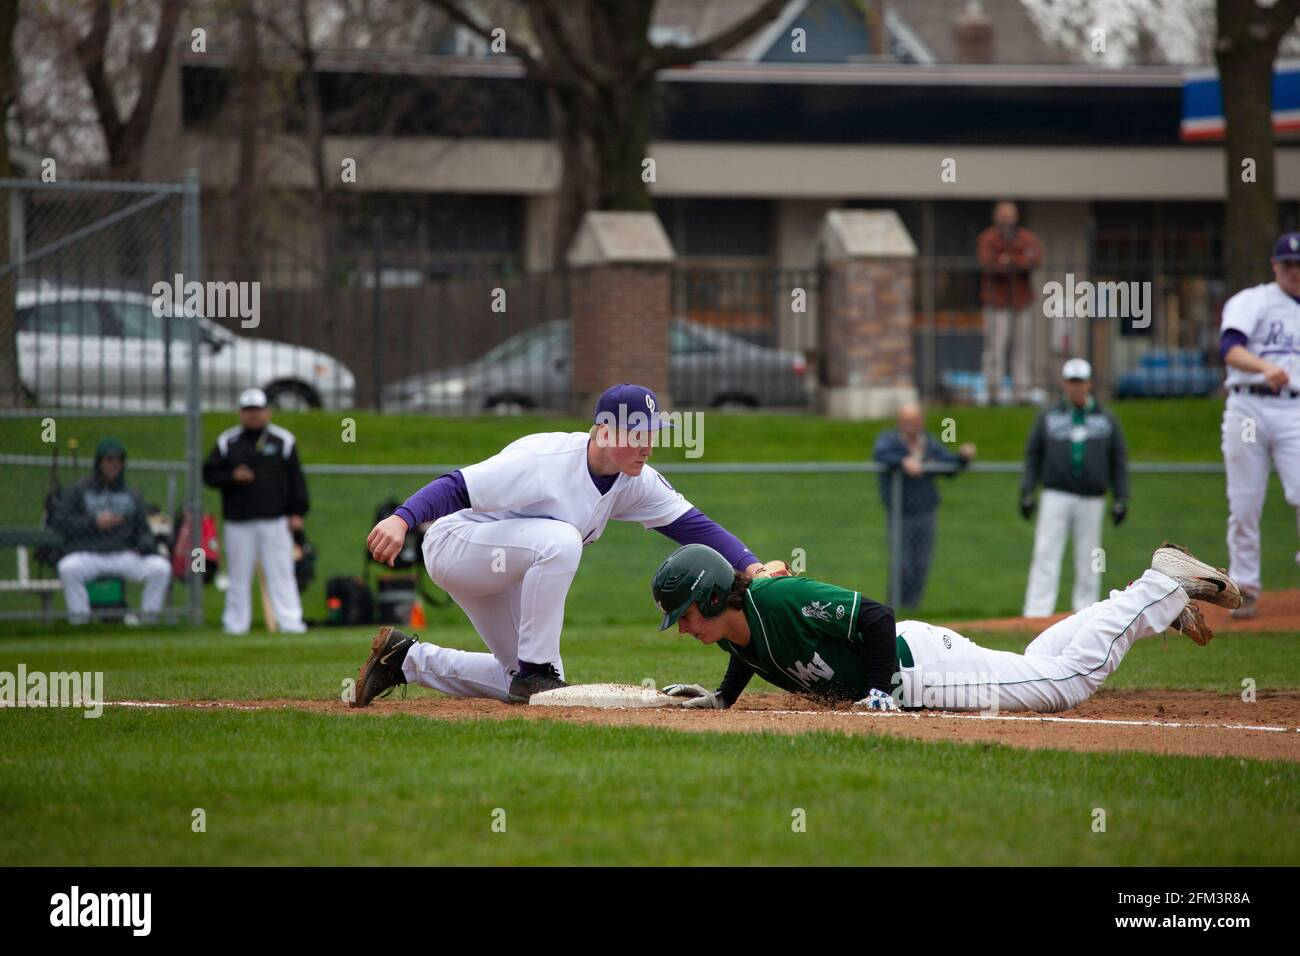 El jugador de béisbol deslizando la cabeza hacia la base y el jugador tratando de marcarlo en el Cretin Durham Hall Field. St Paul Minnesota MN EE.UU Foto de stock